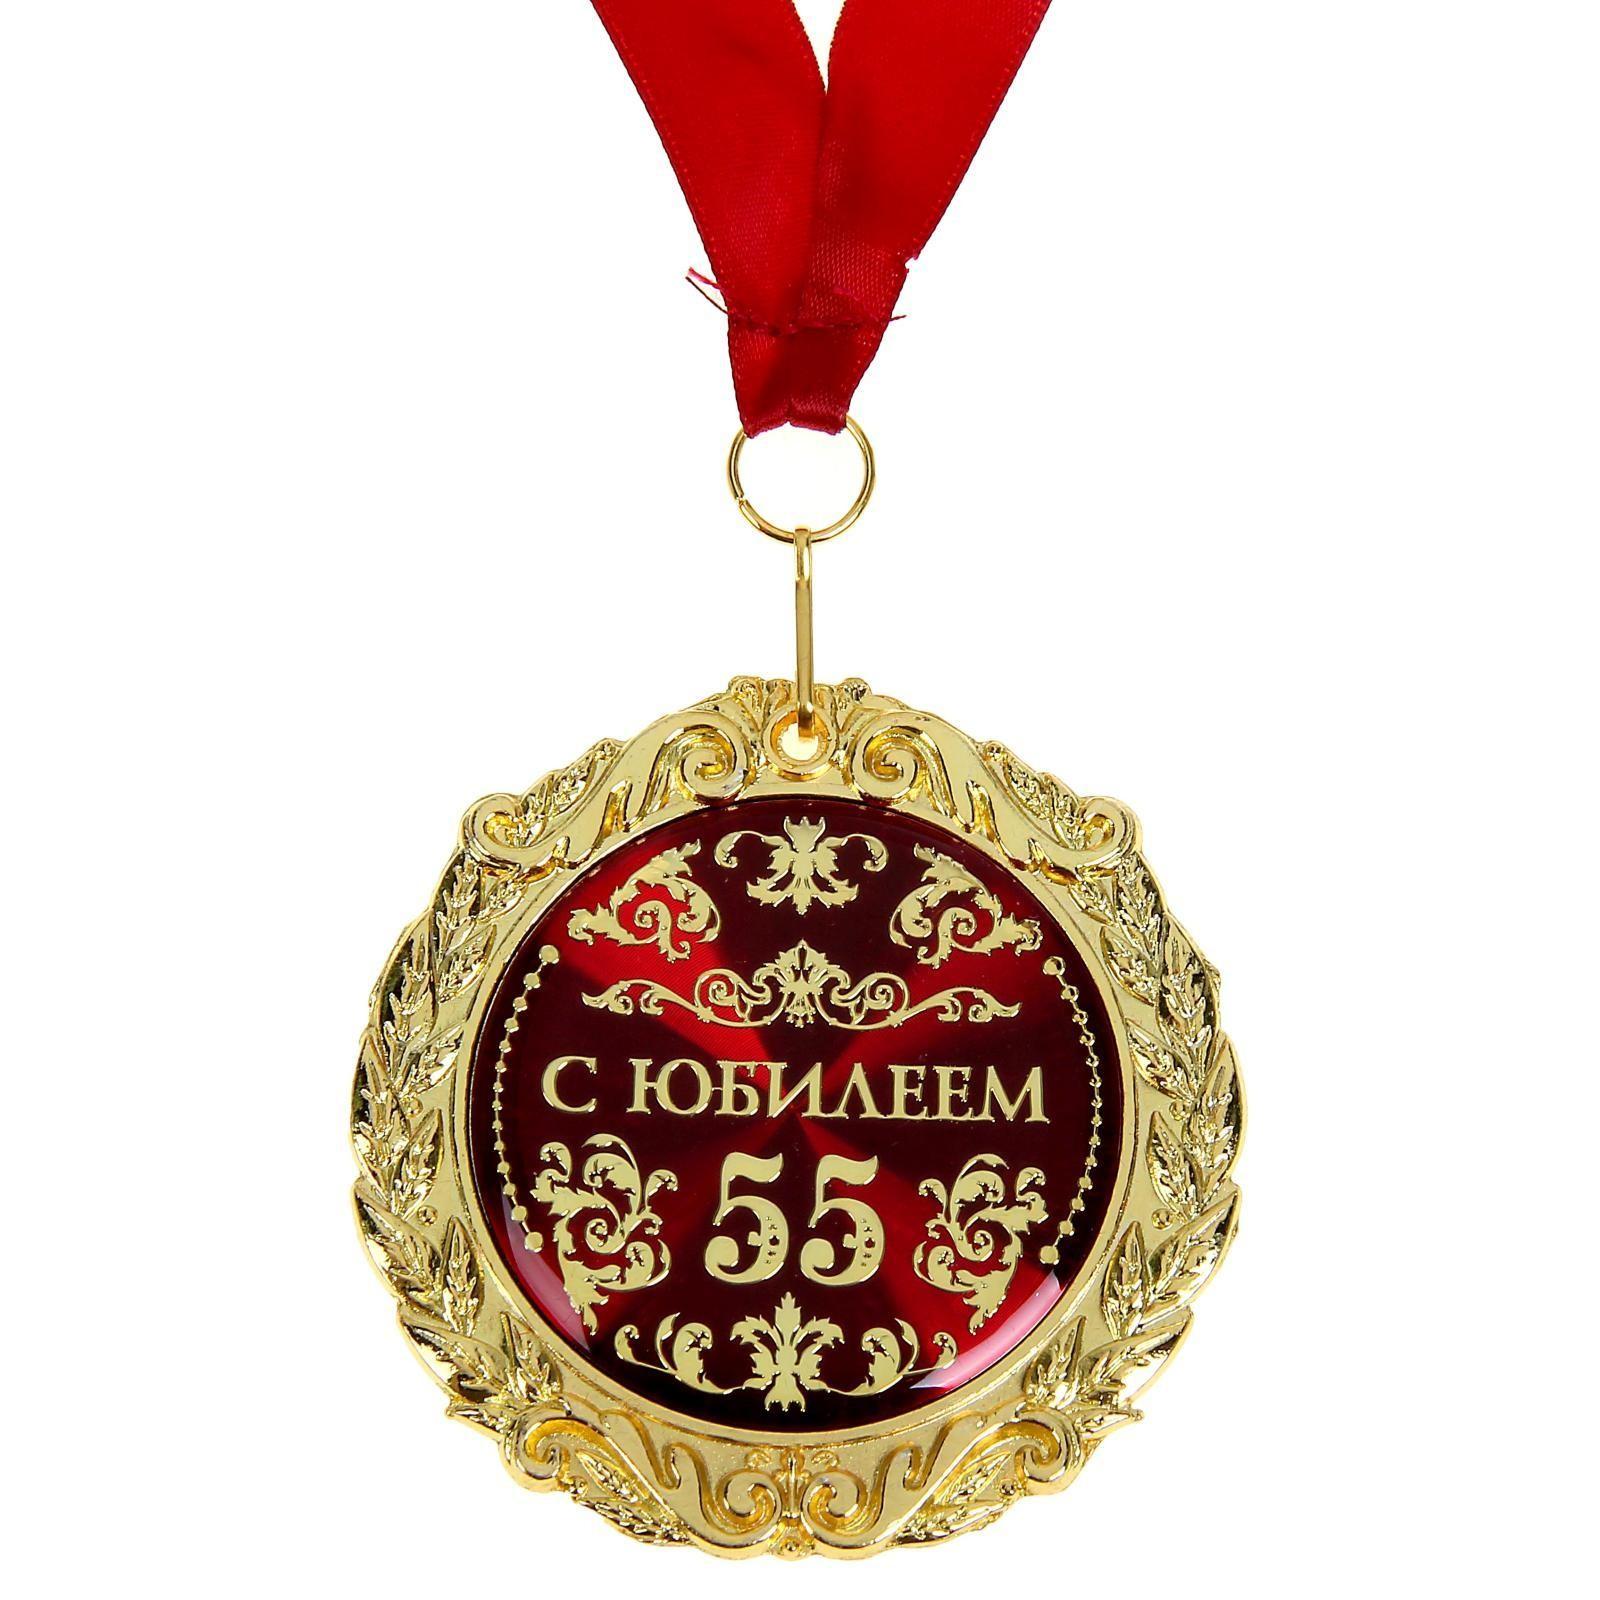 Поздравления к юбилею с медалью